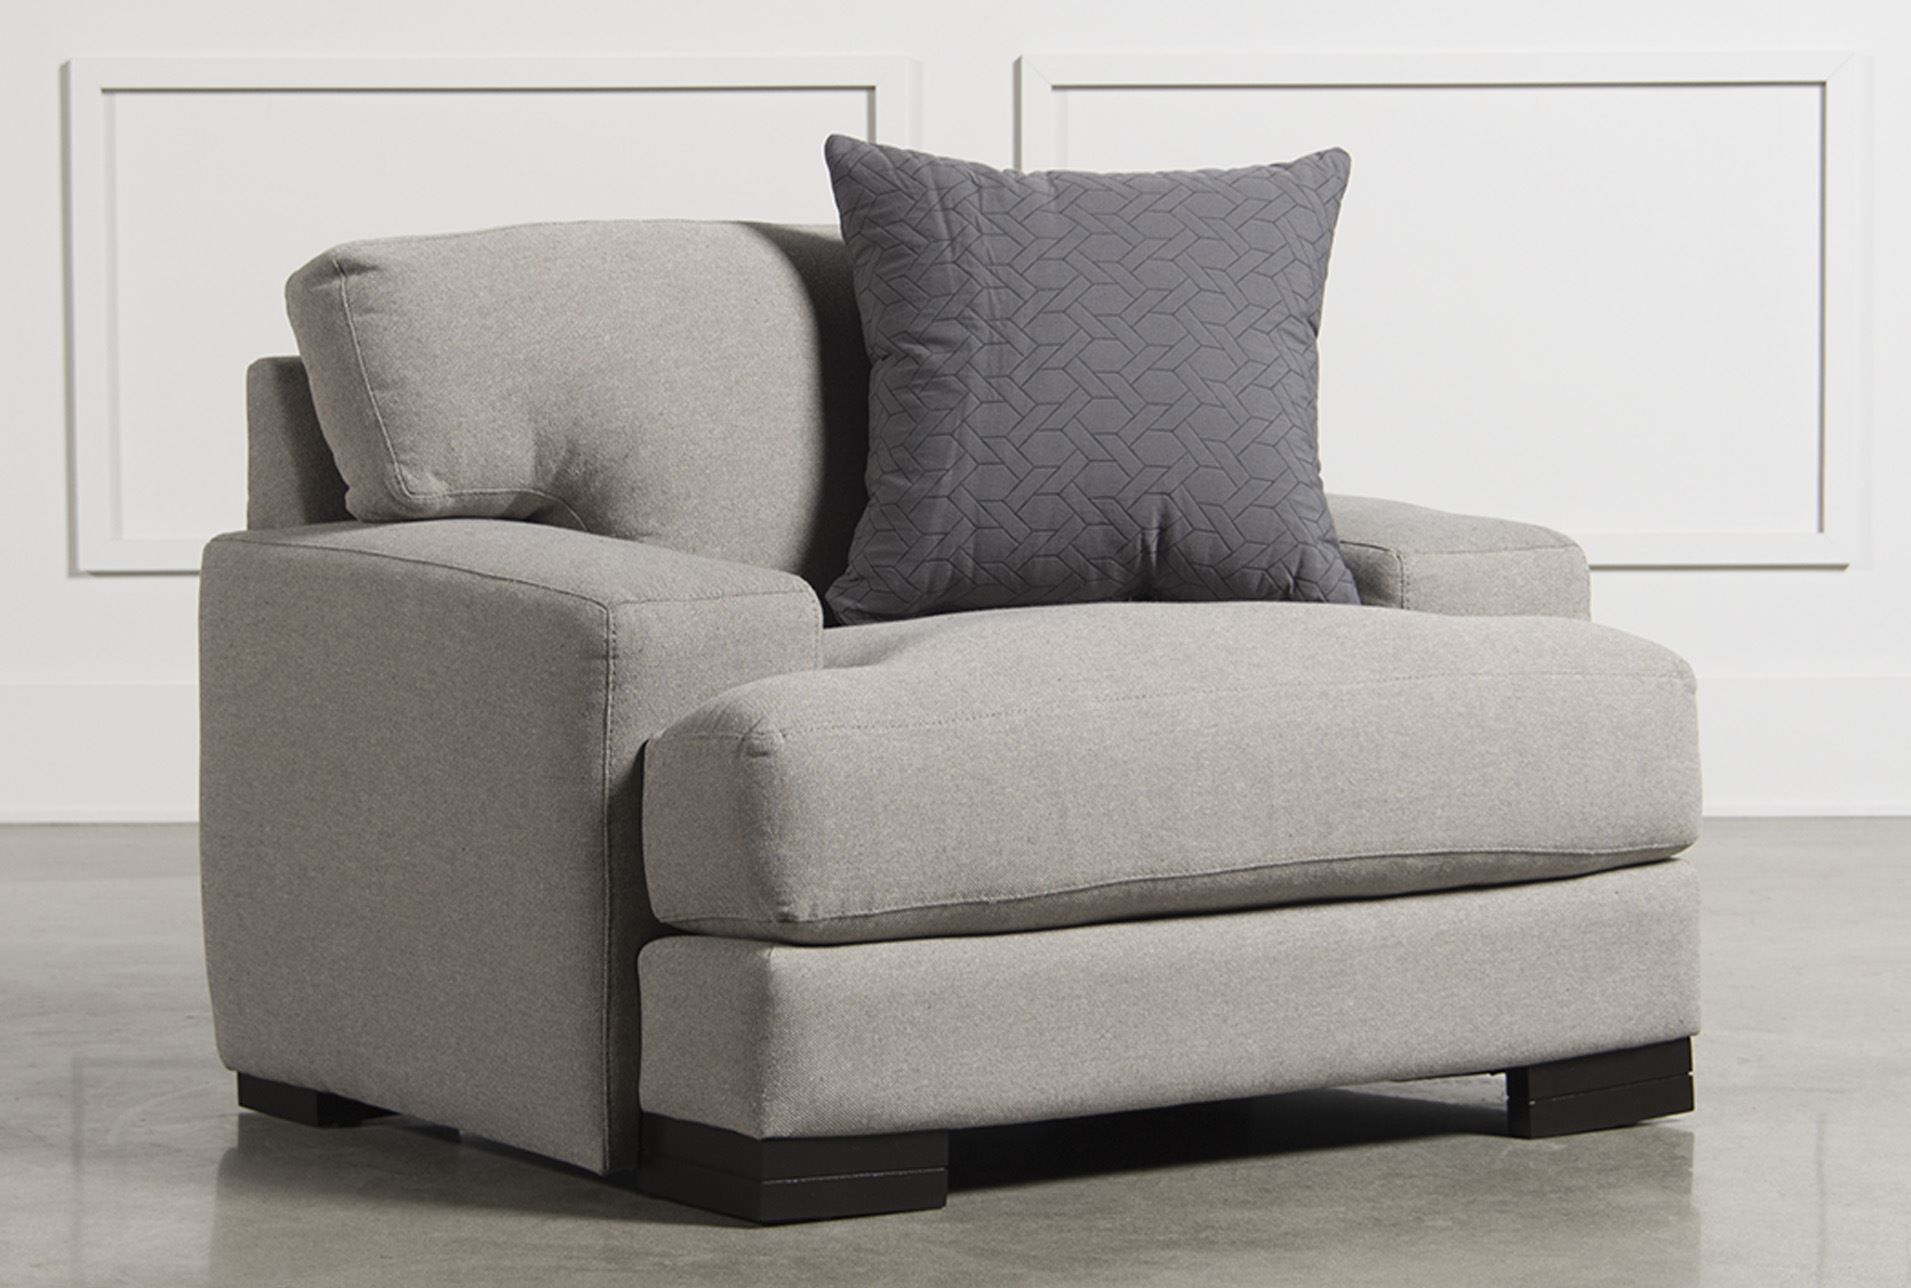 Aidan Chair | Apartment Ideas | Chair, Sofa Chair, Sofa Within Magnolia Home Dapper Fog Sofa Chairs (Image 1 of 25)